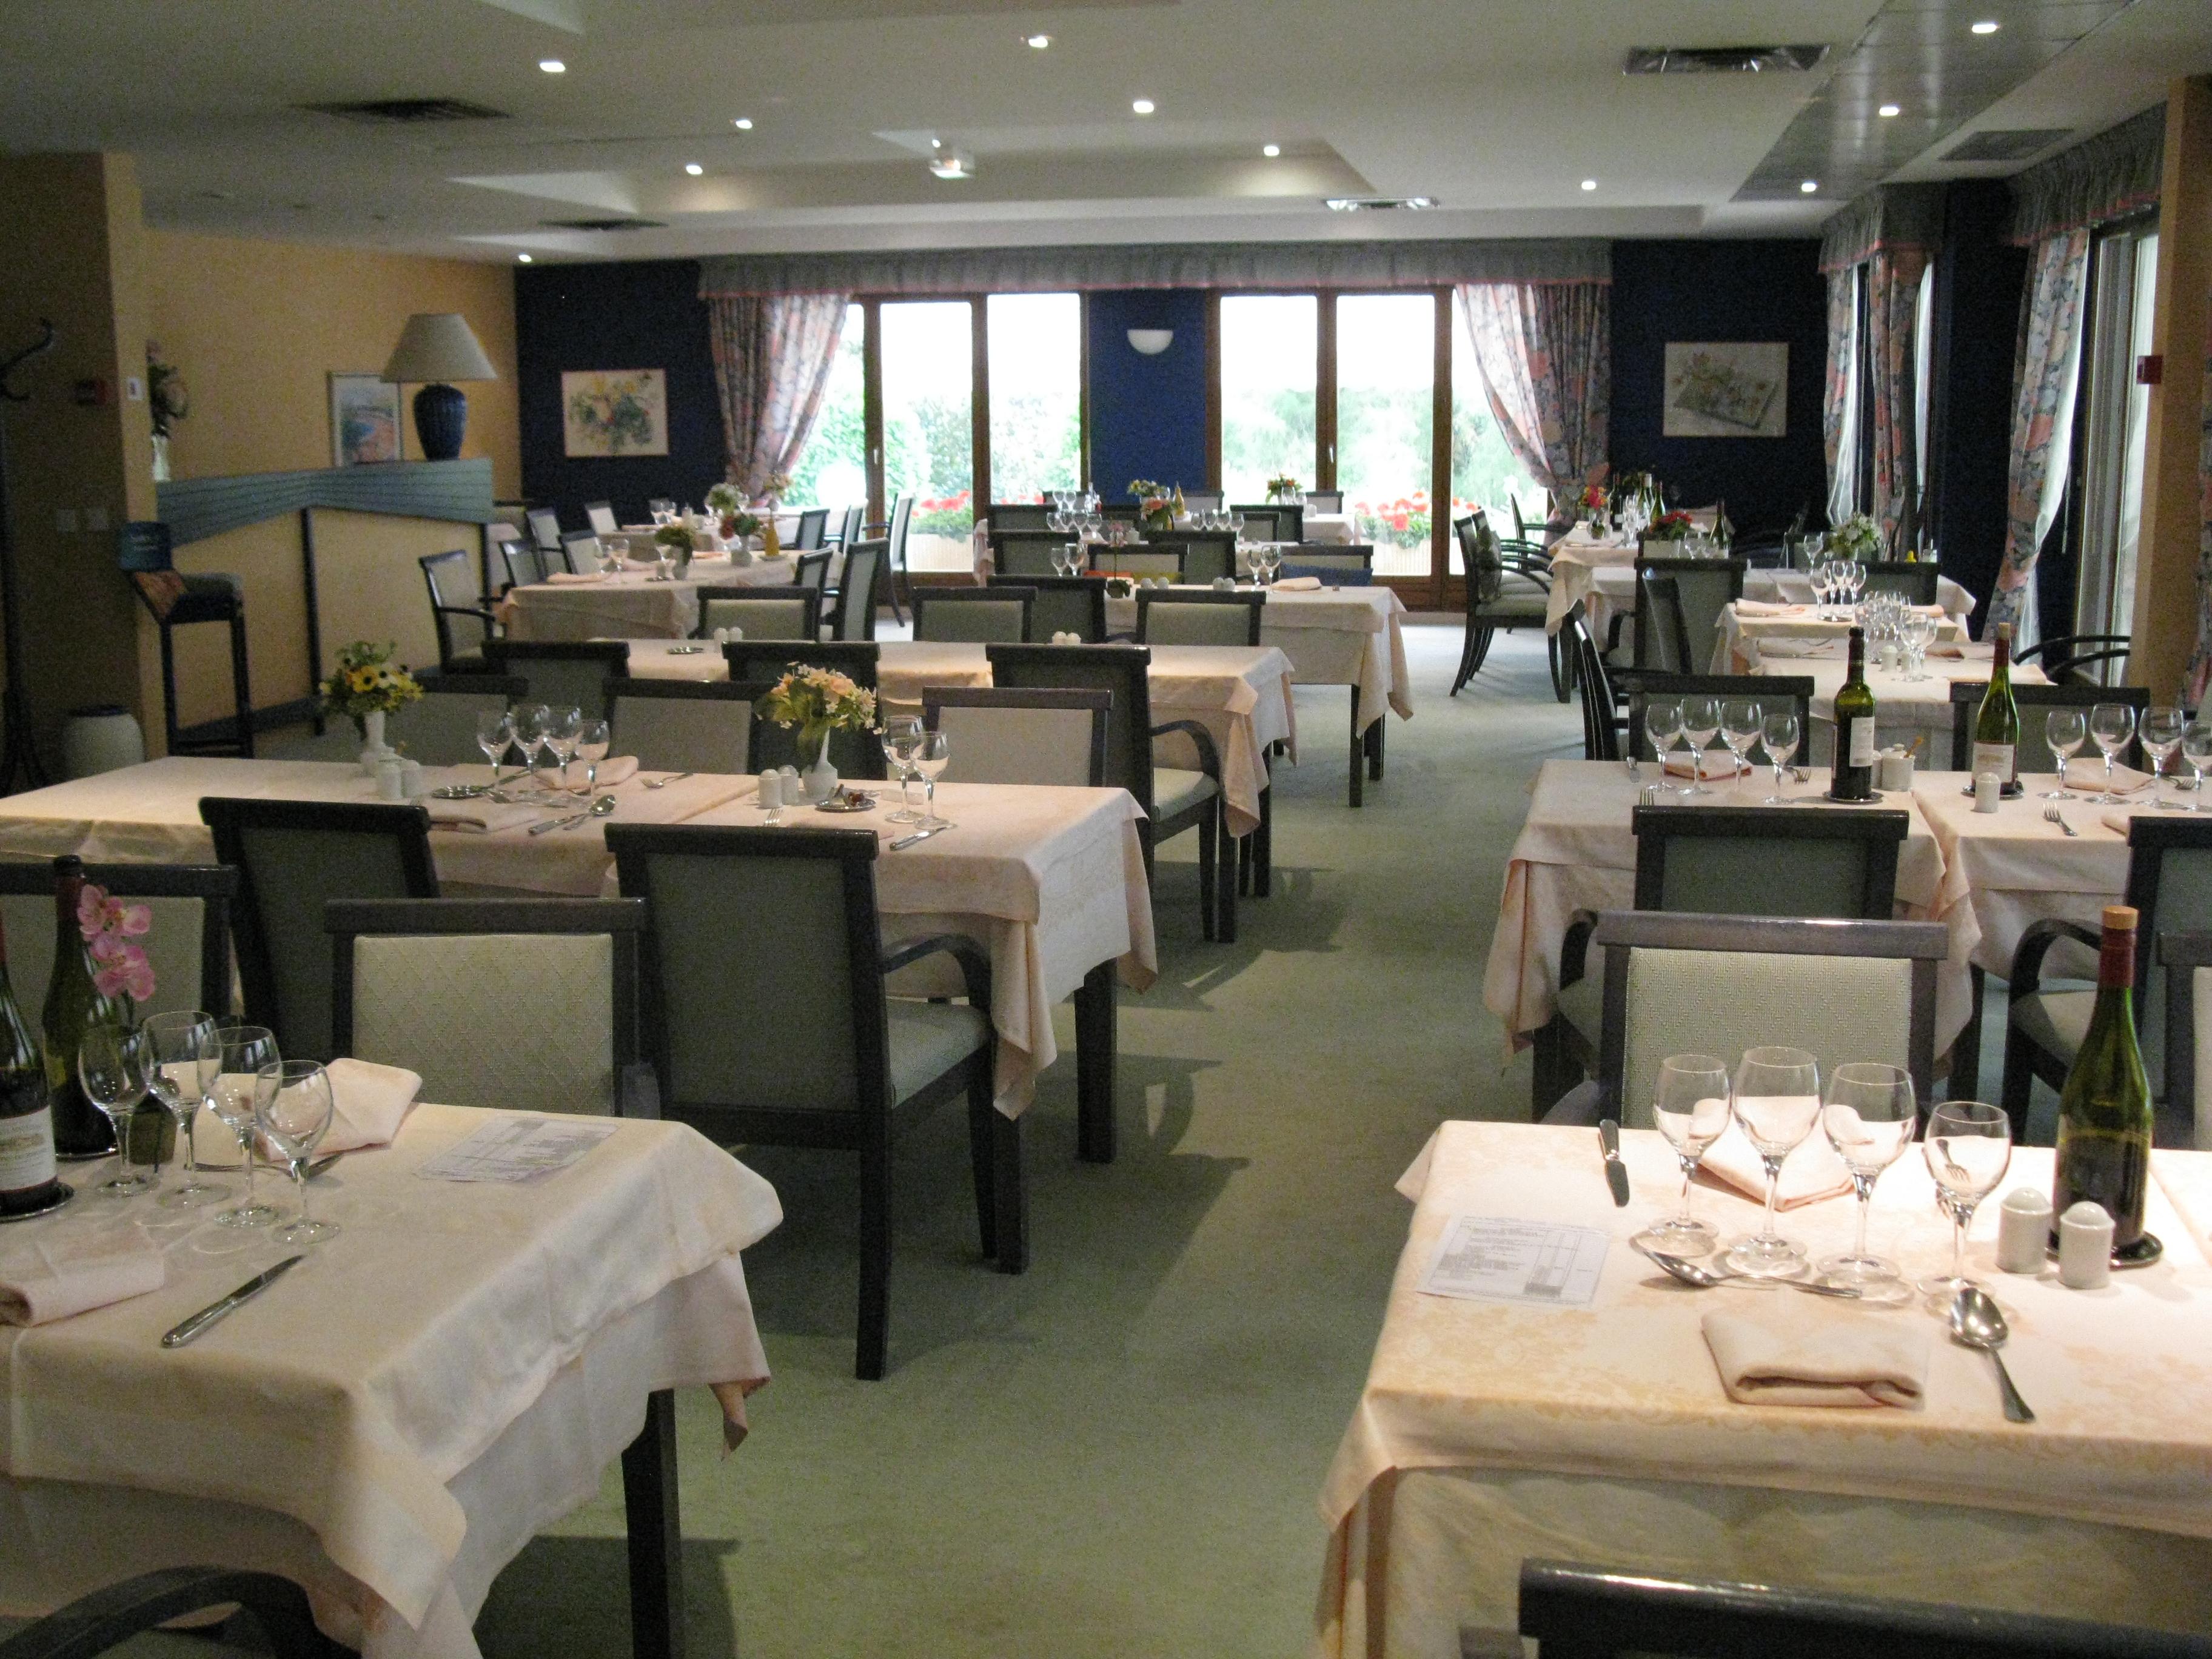 Design jardin maison de retraite limoges 3133 jardin for Maison du luxembourg restaurant